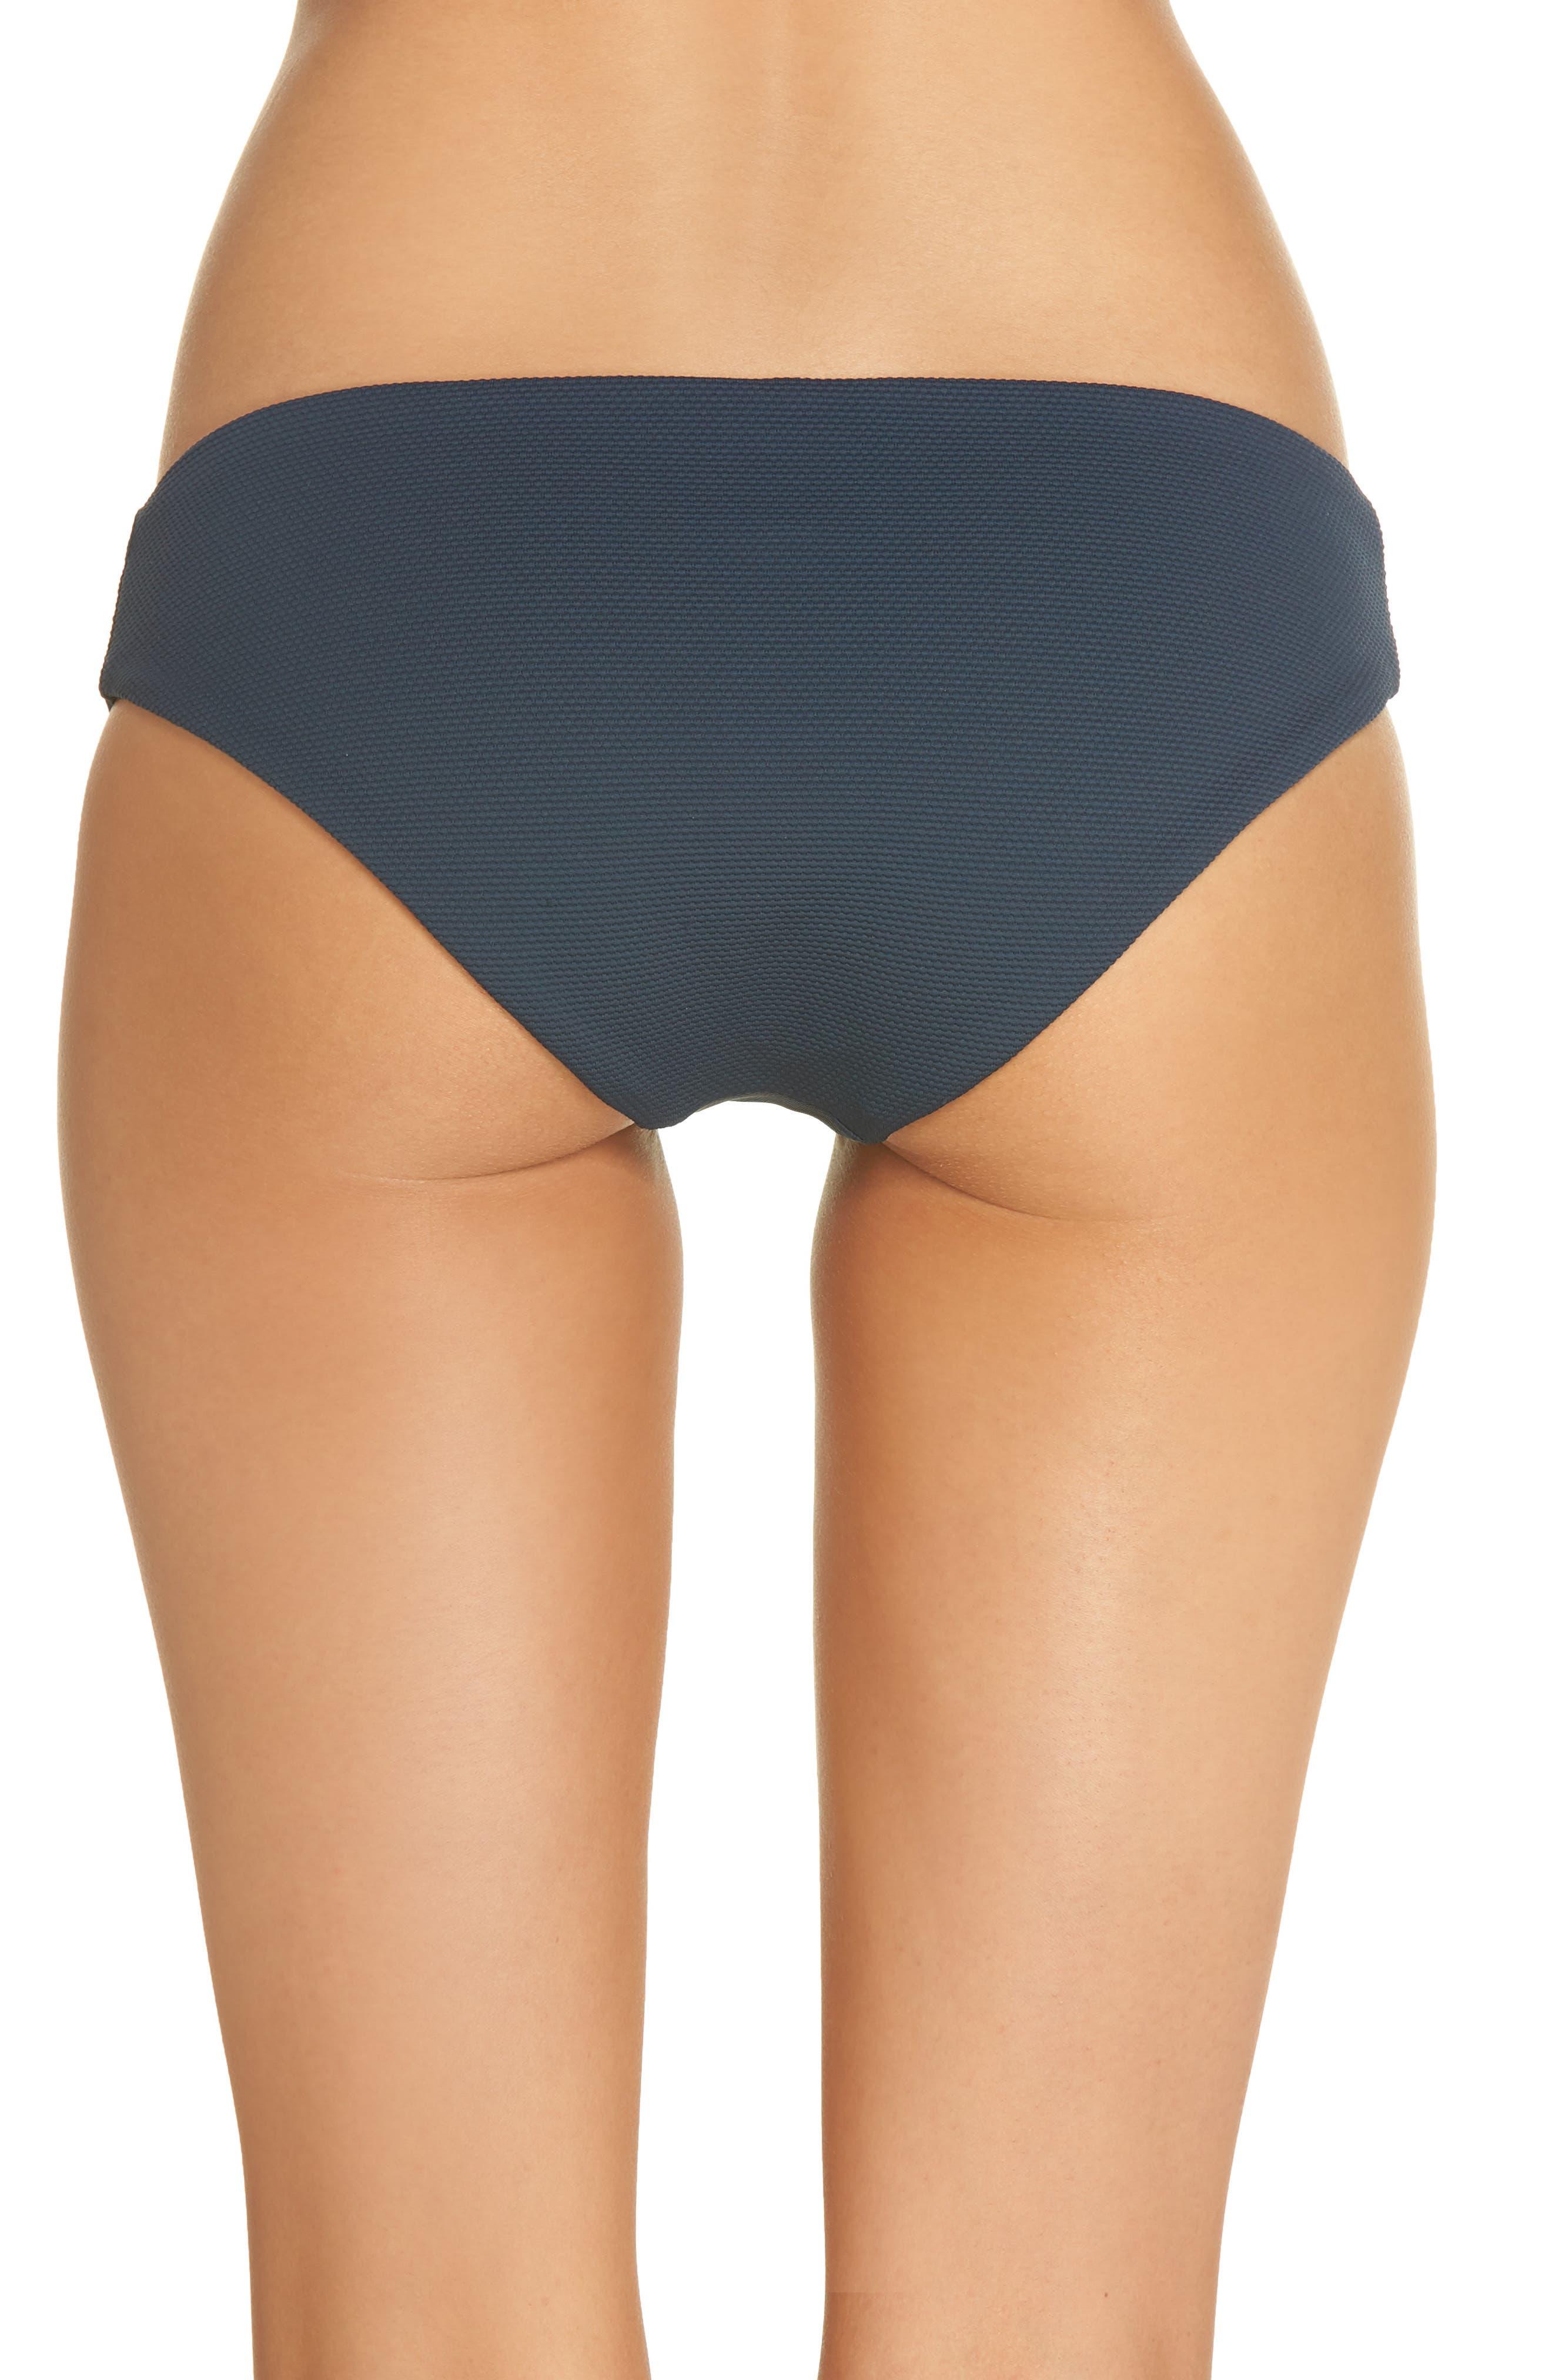 Stargazer Sublime Signature Reversible Bikini Bottoms,                             Alternate thumbnail 3, color,                             400